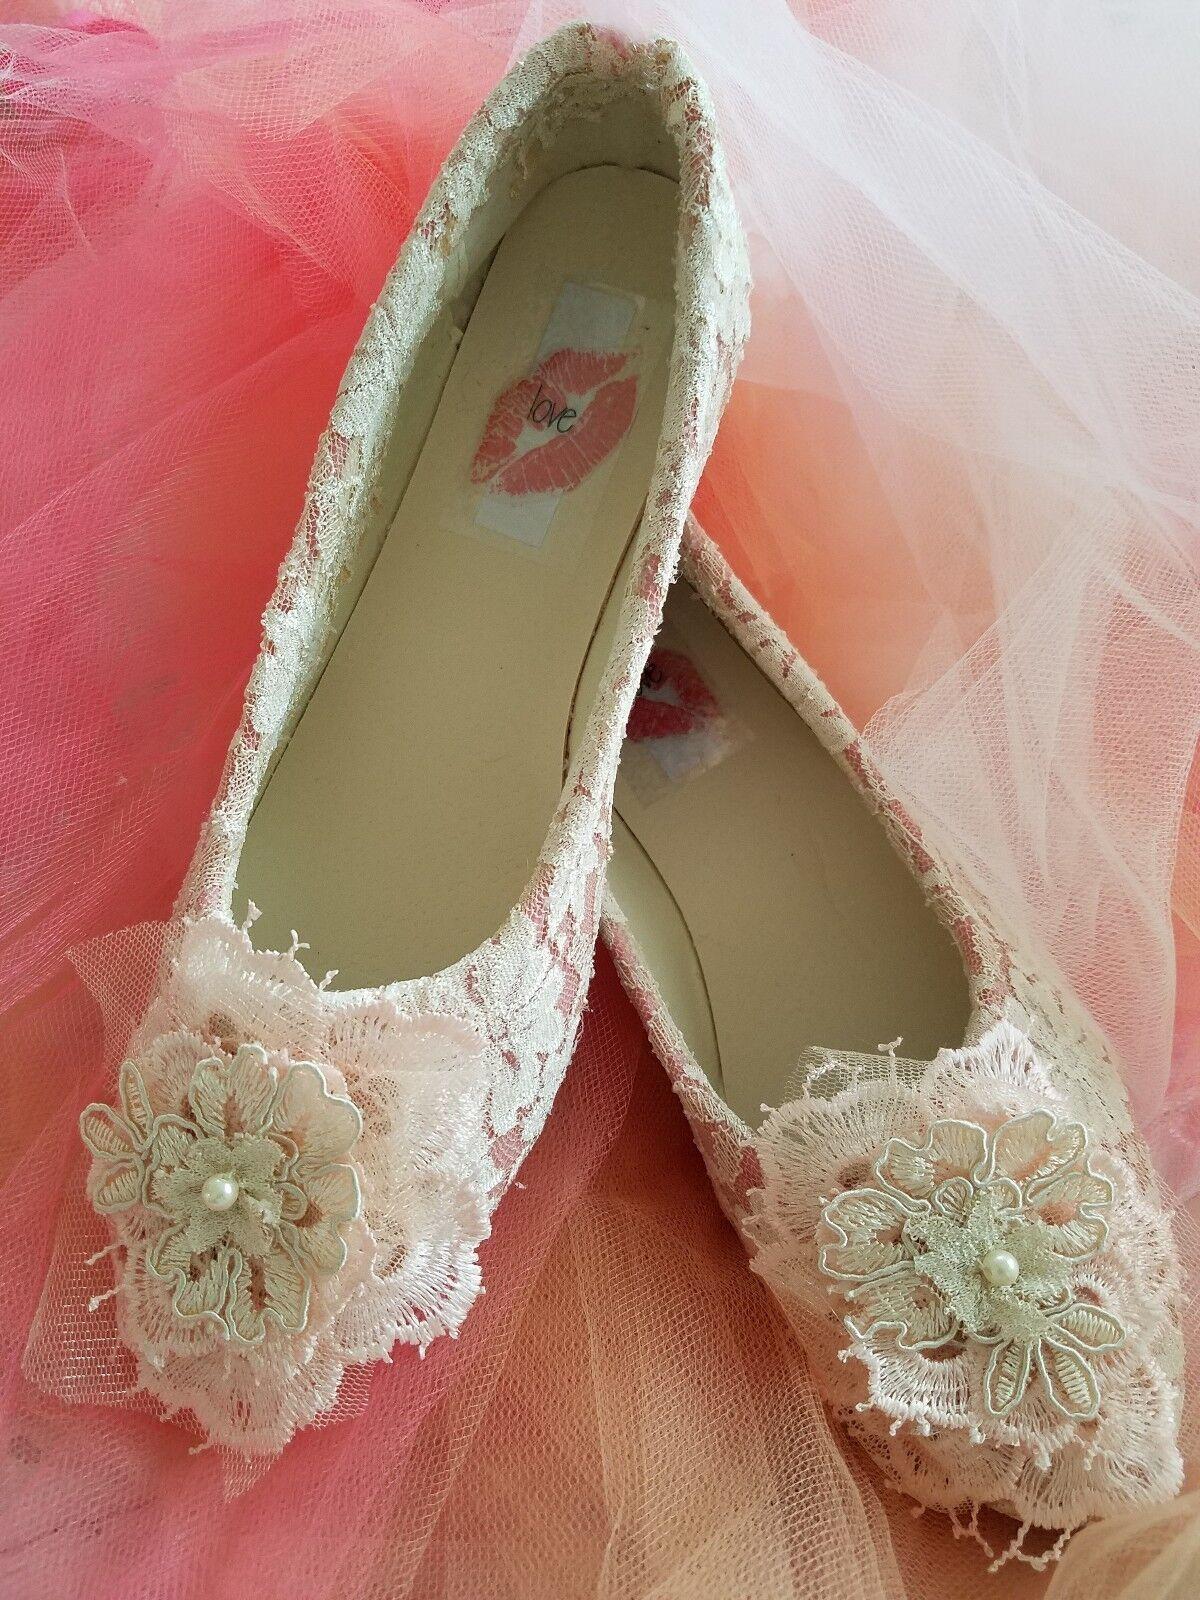 articoli promozionali VINTAGE ROMANCE VICTORIAN STYLE 3D LACE LACE LACE BRIDAL WEDDING HEELS PARTY CLUB COSTUME  qualità di prima classe